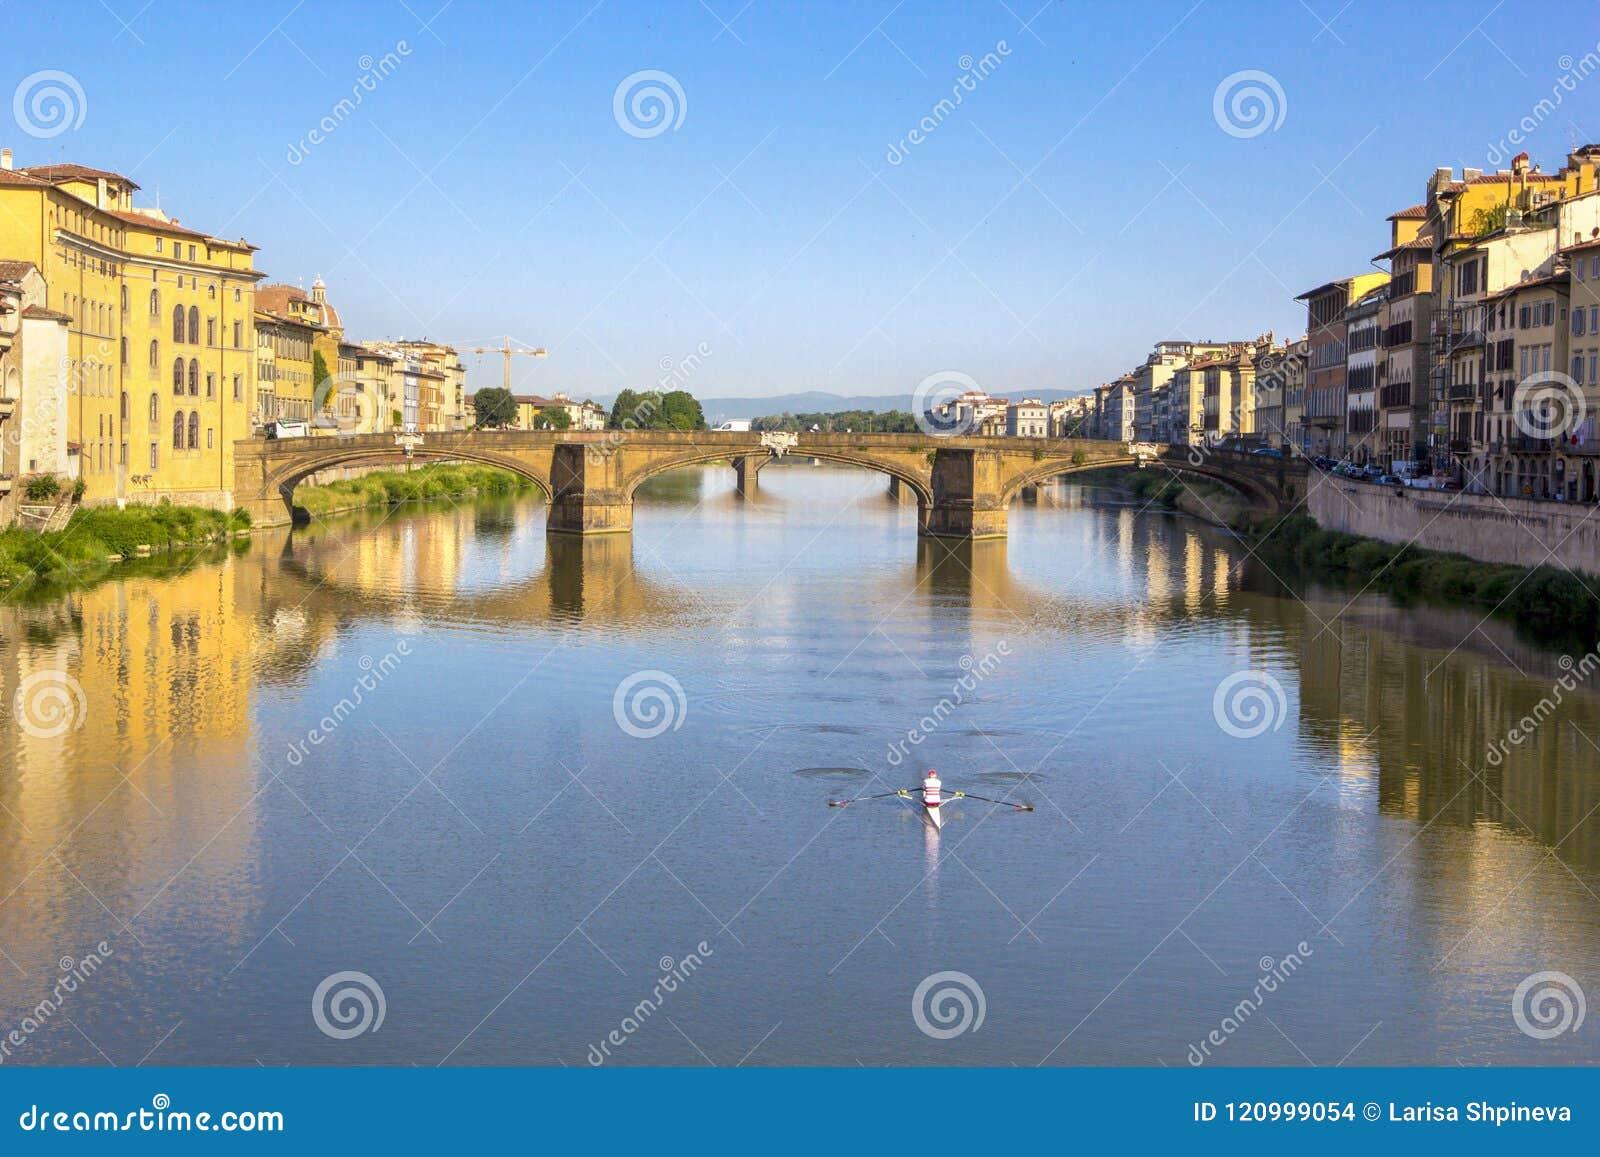 Vista panoramica di Arno River e del ponte medievale di pietra Ponte Vecchio con la bella riflessione delle case variopinte, picc